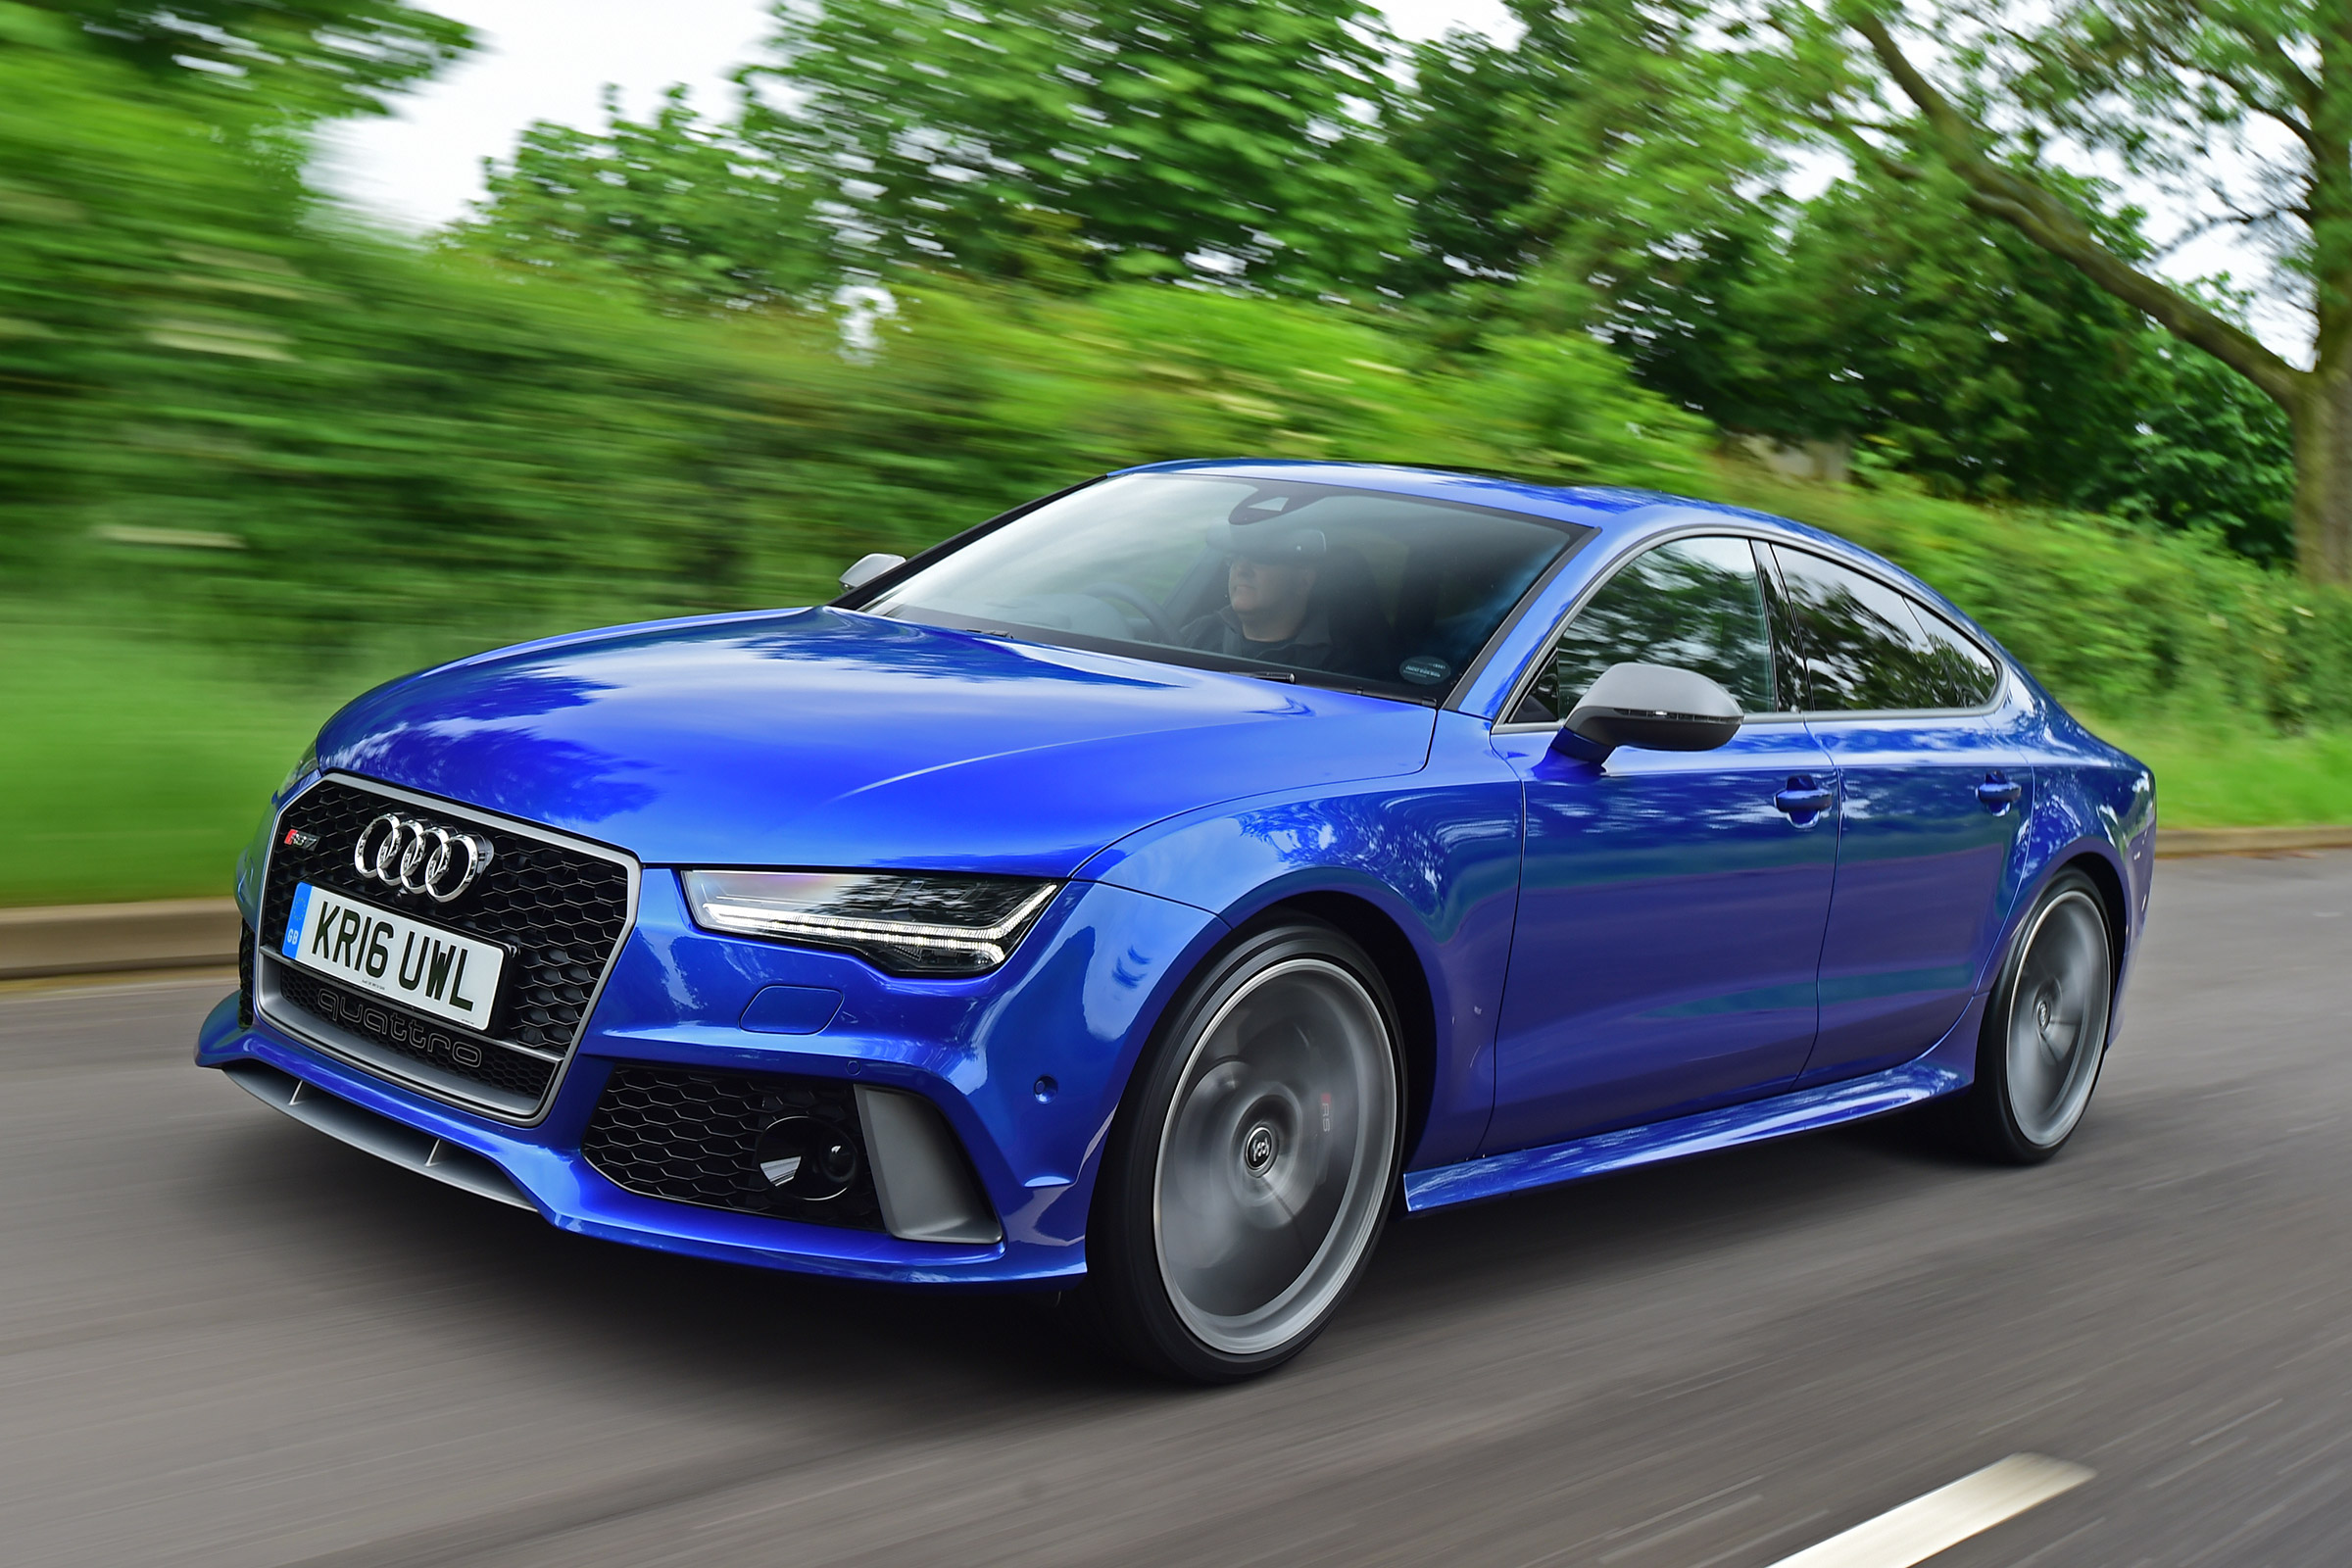 Kekurangan Audi Rs7 Quattro Review